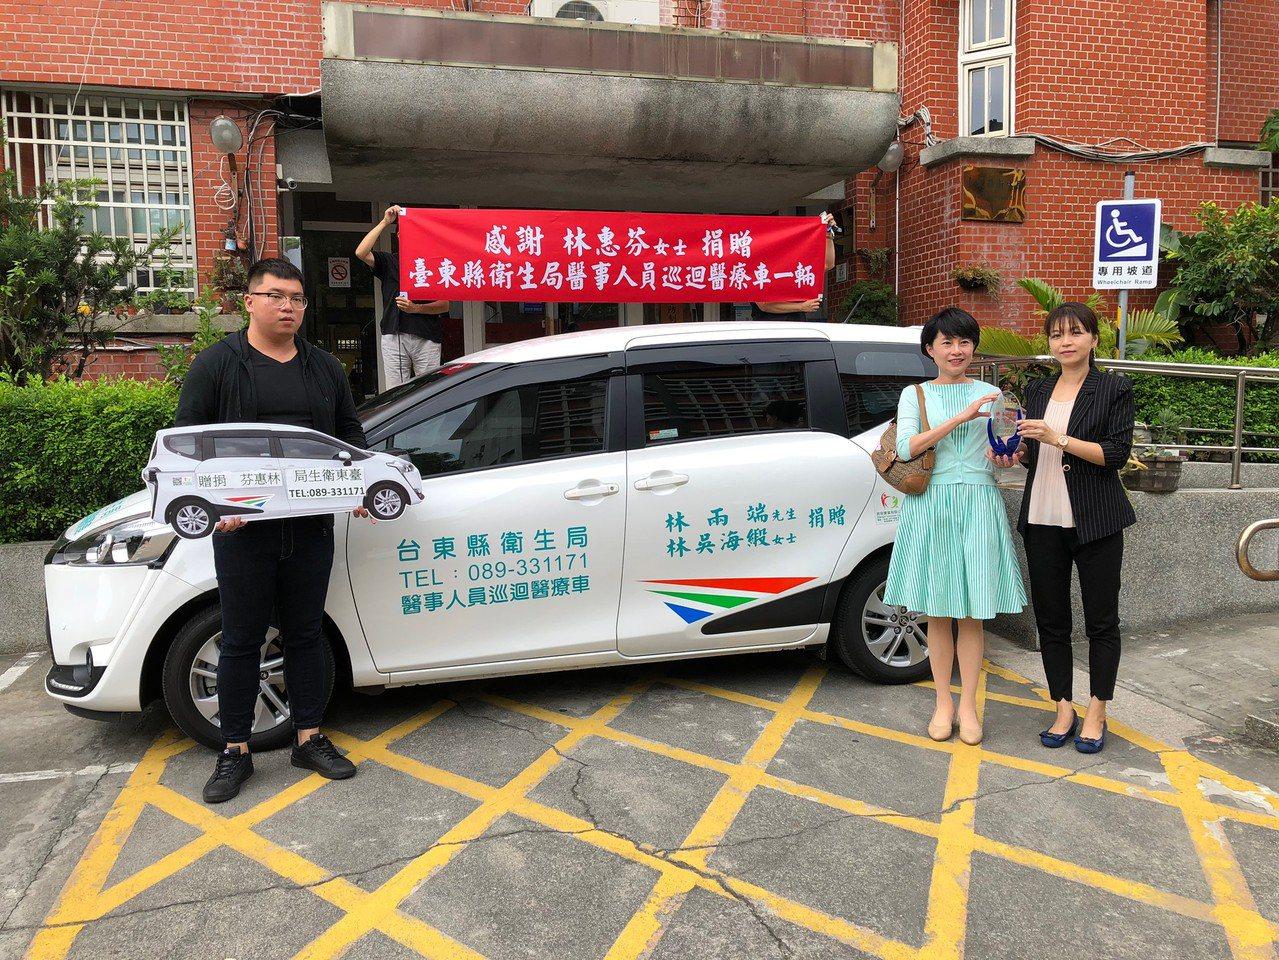 台北市婦人林惠芬(右二)捐贈台東縣一輛多功能醫療人員巡迴車。記者羅紹平/翻攝